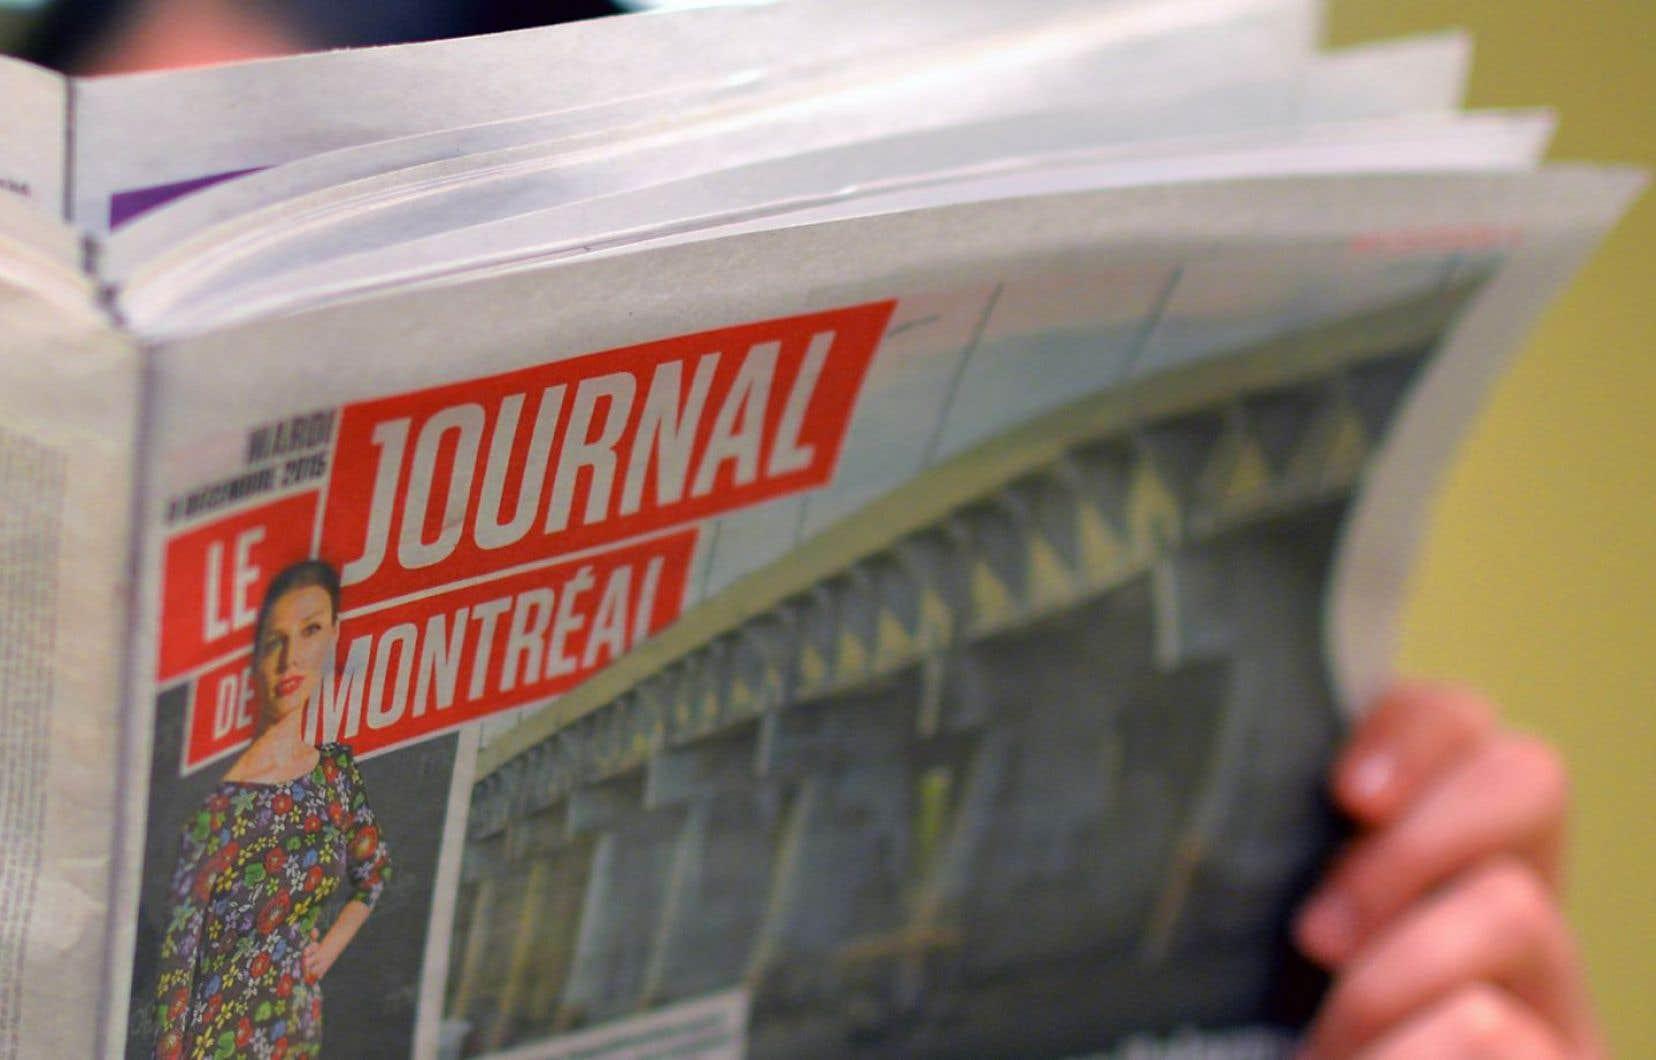 <p>Le directeur de l'information du <em>Journal de Montréal</em>, George Kalogerakis, affirme catégoriquement que le reporter judiciaire n'a posé aucun geste illégal pour obtenir ses informations.</p>